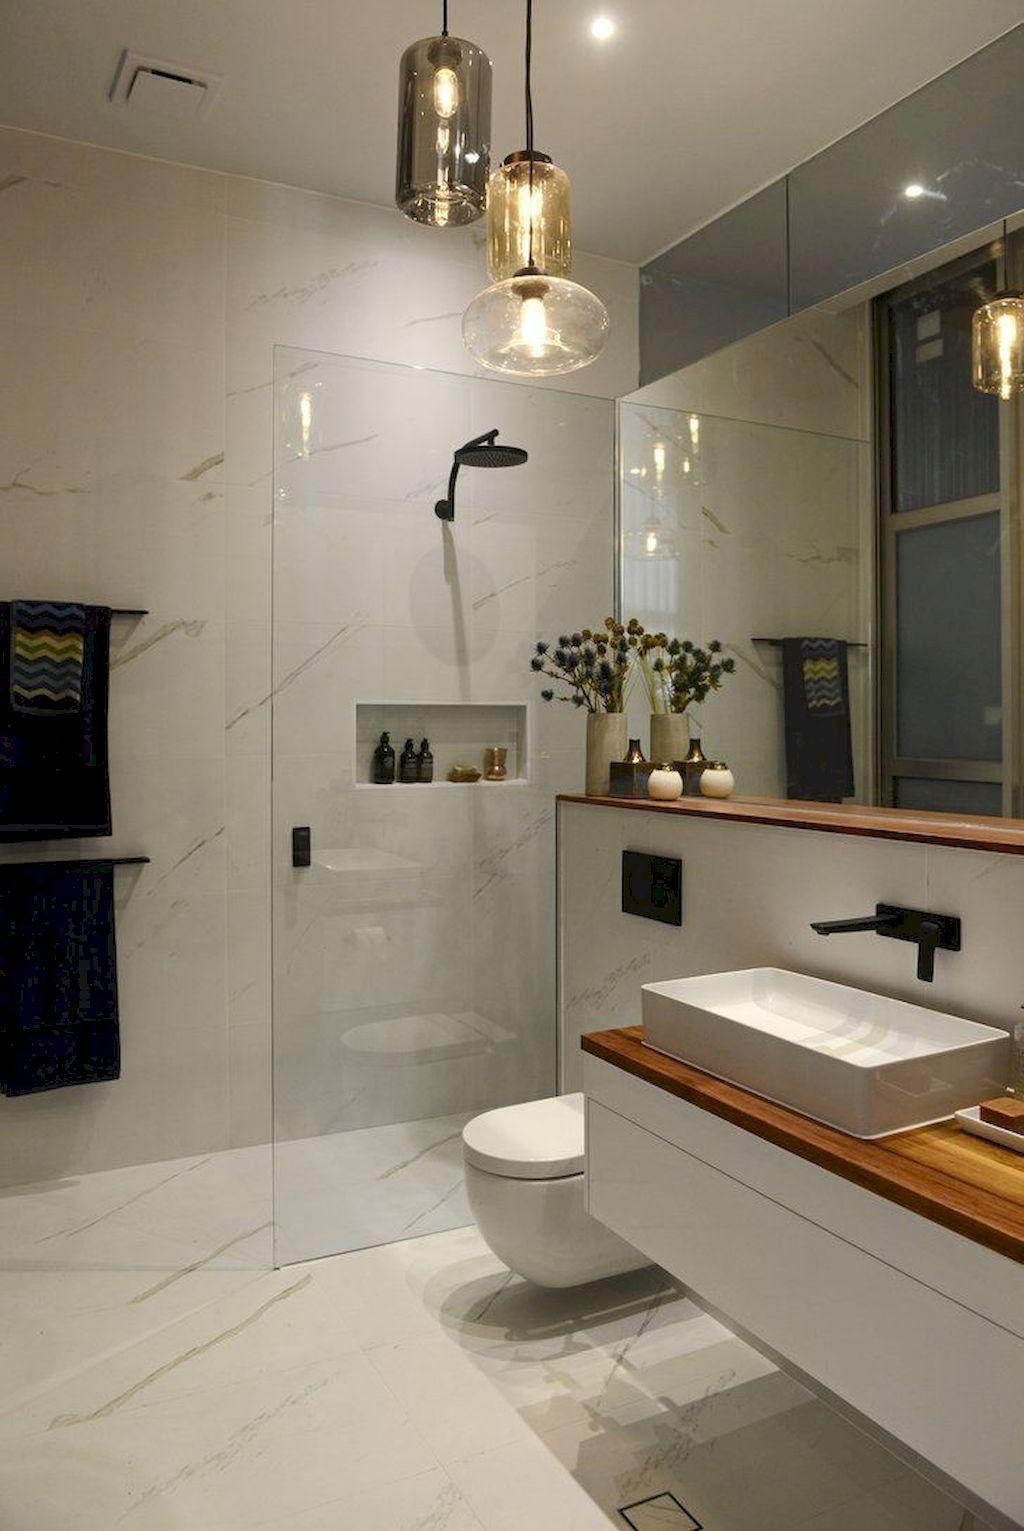 #luxurybathroomexdisplay Floating everything!!! Easy to ...